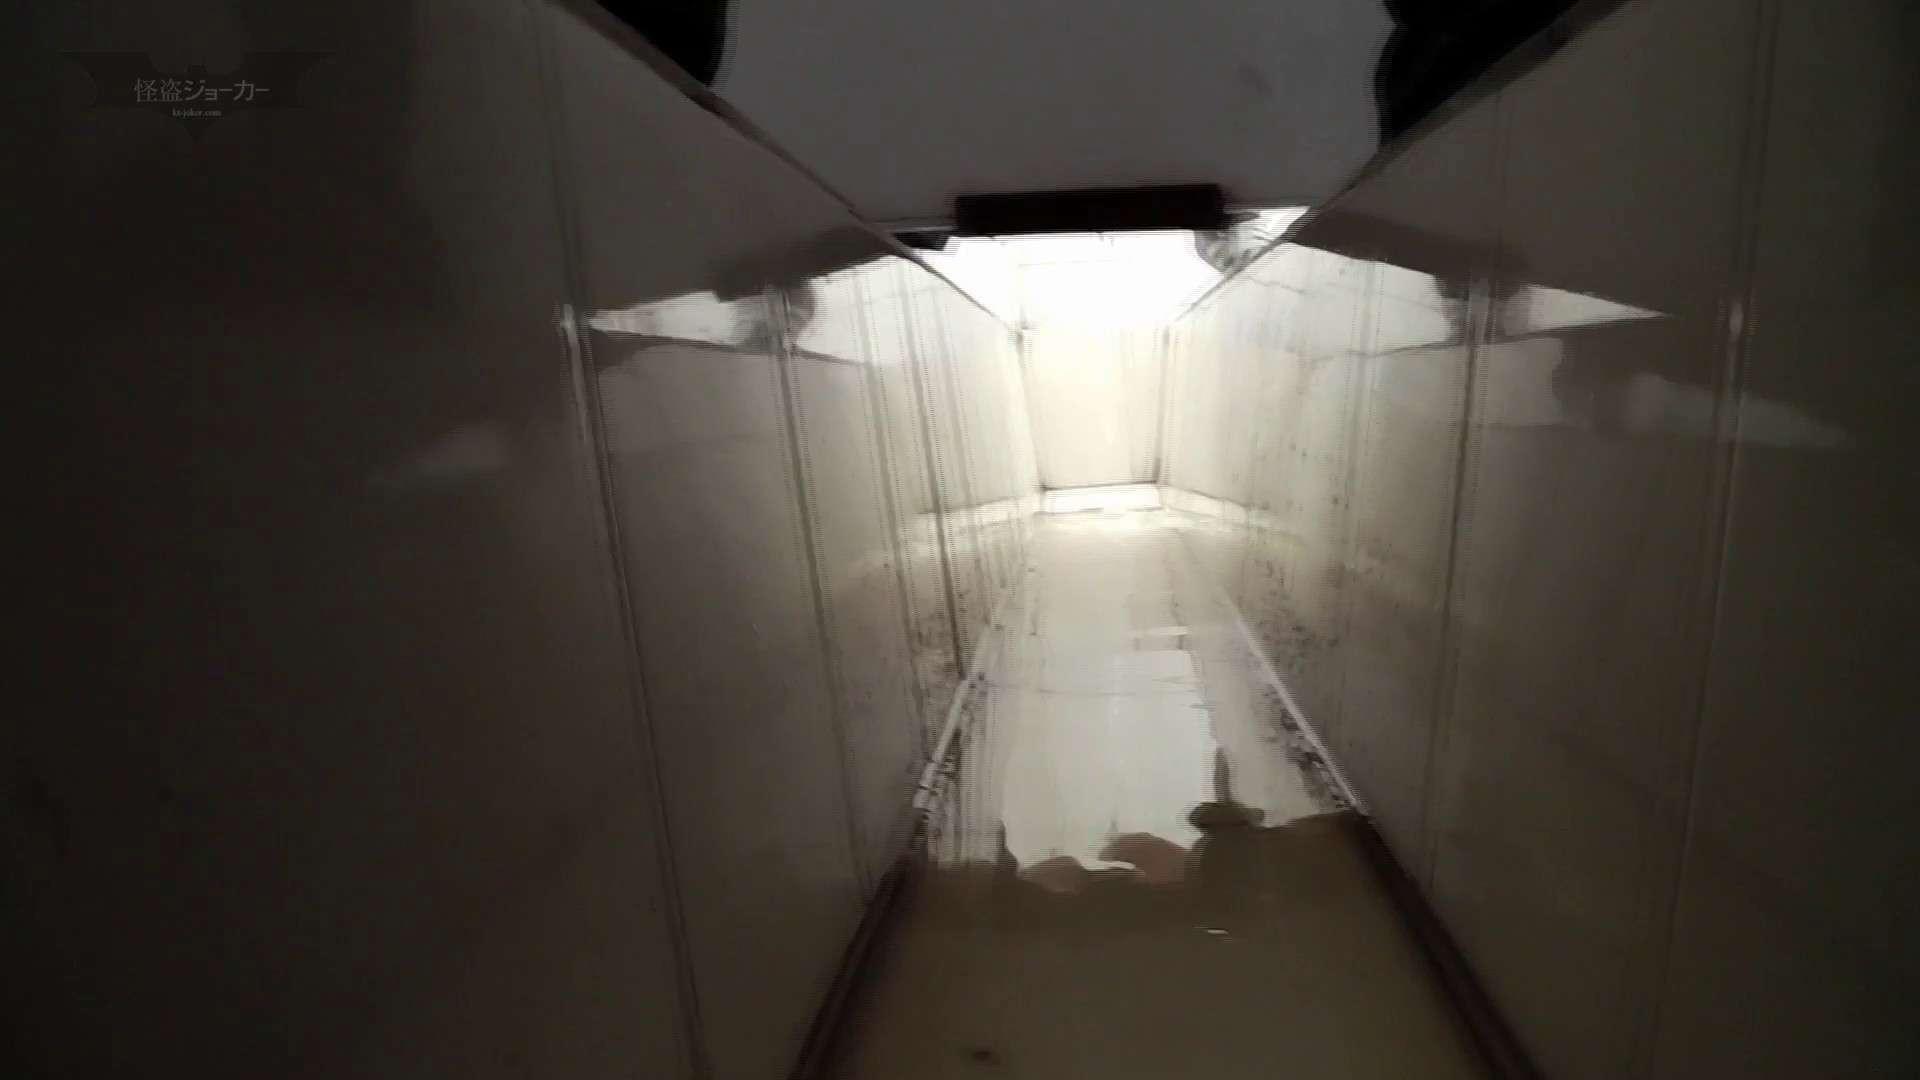 下からノゾム vol.031 扉を壊しみたら、漏れそうな子が閉じずに入ってくれた パンツ  83PIX 7